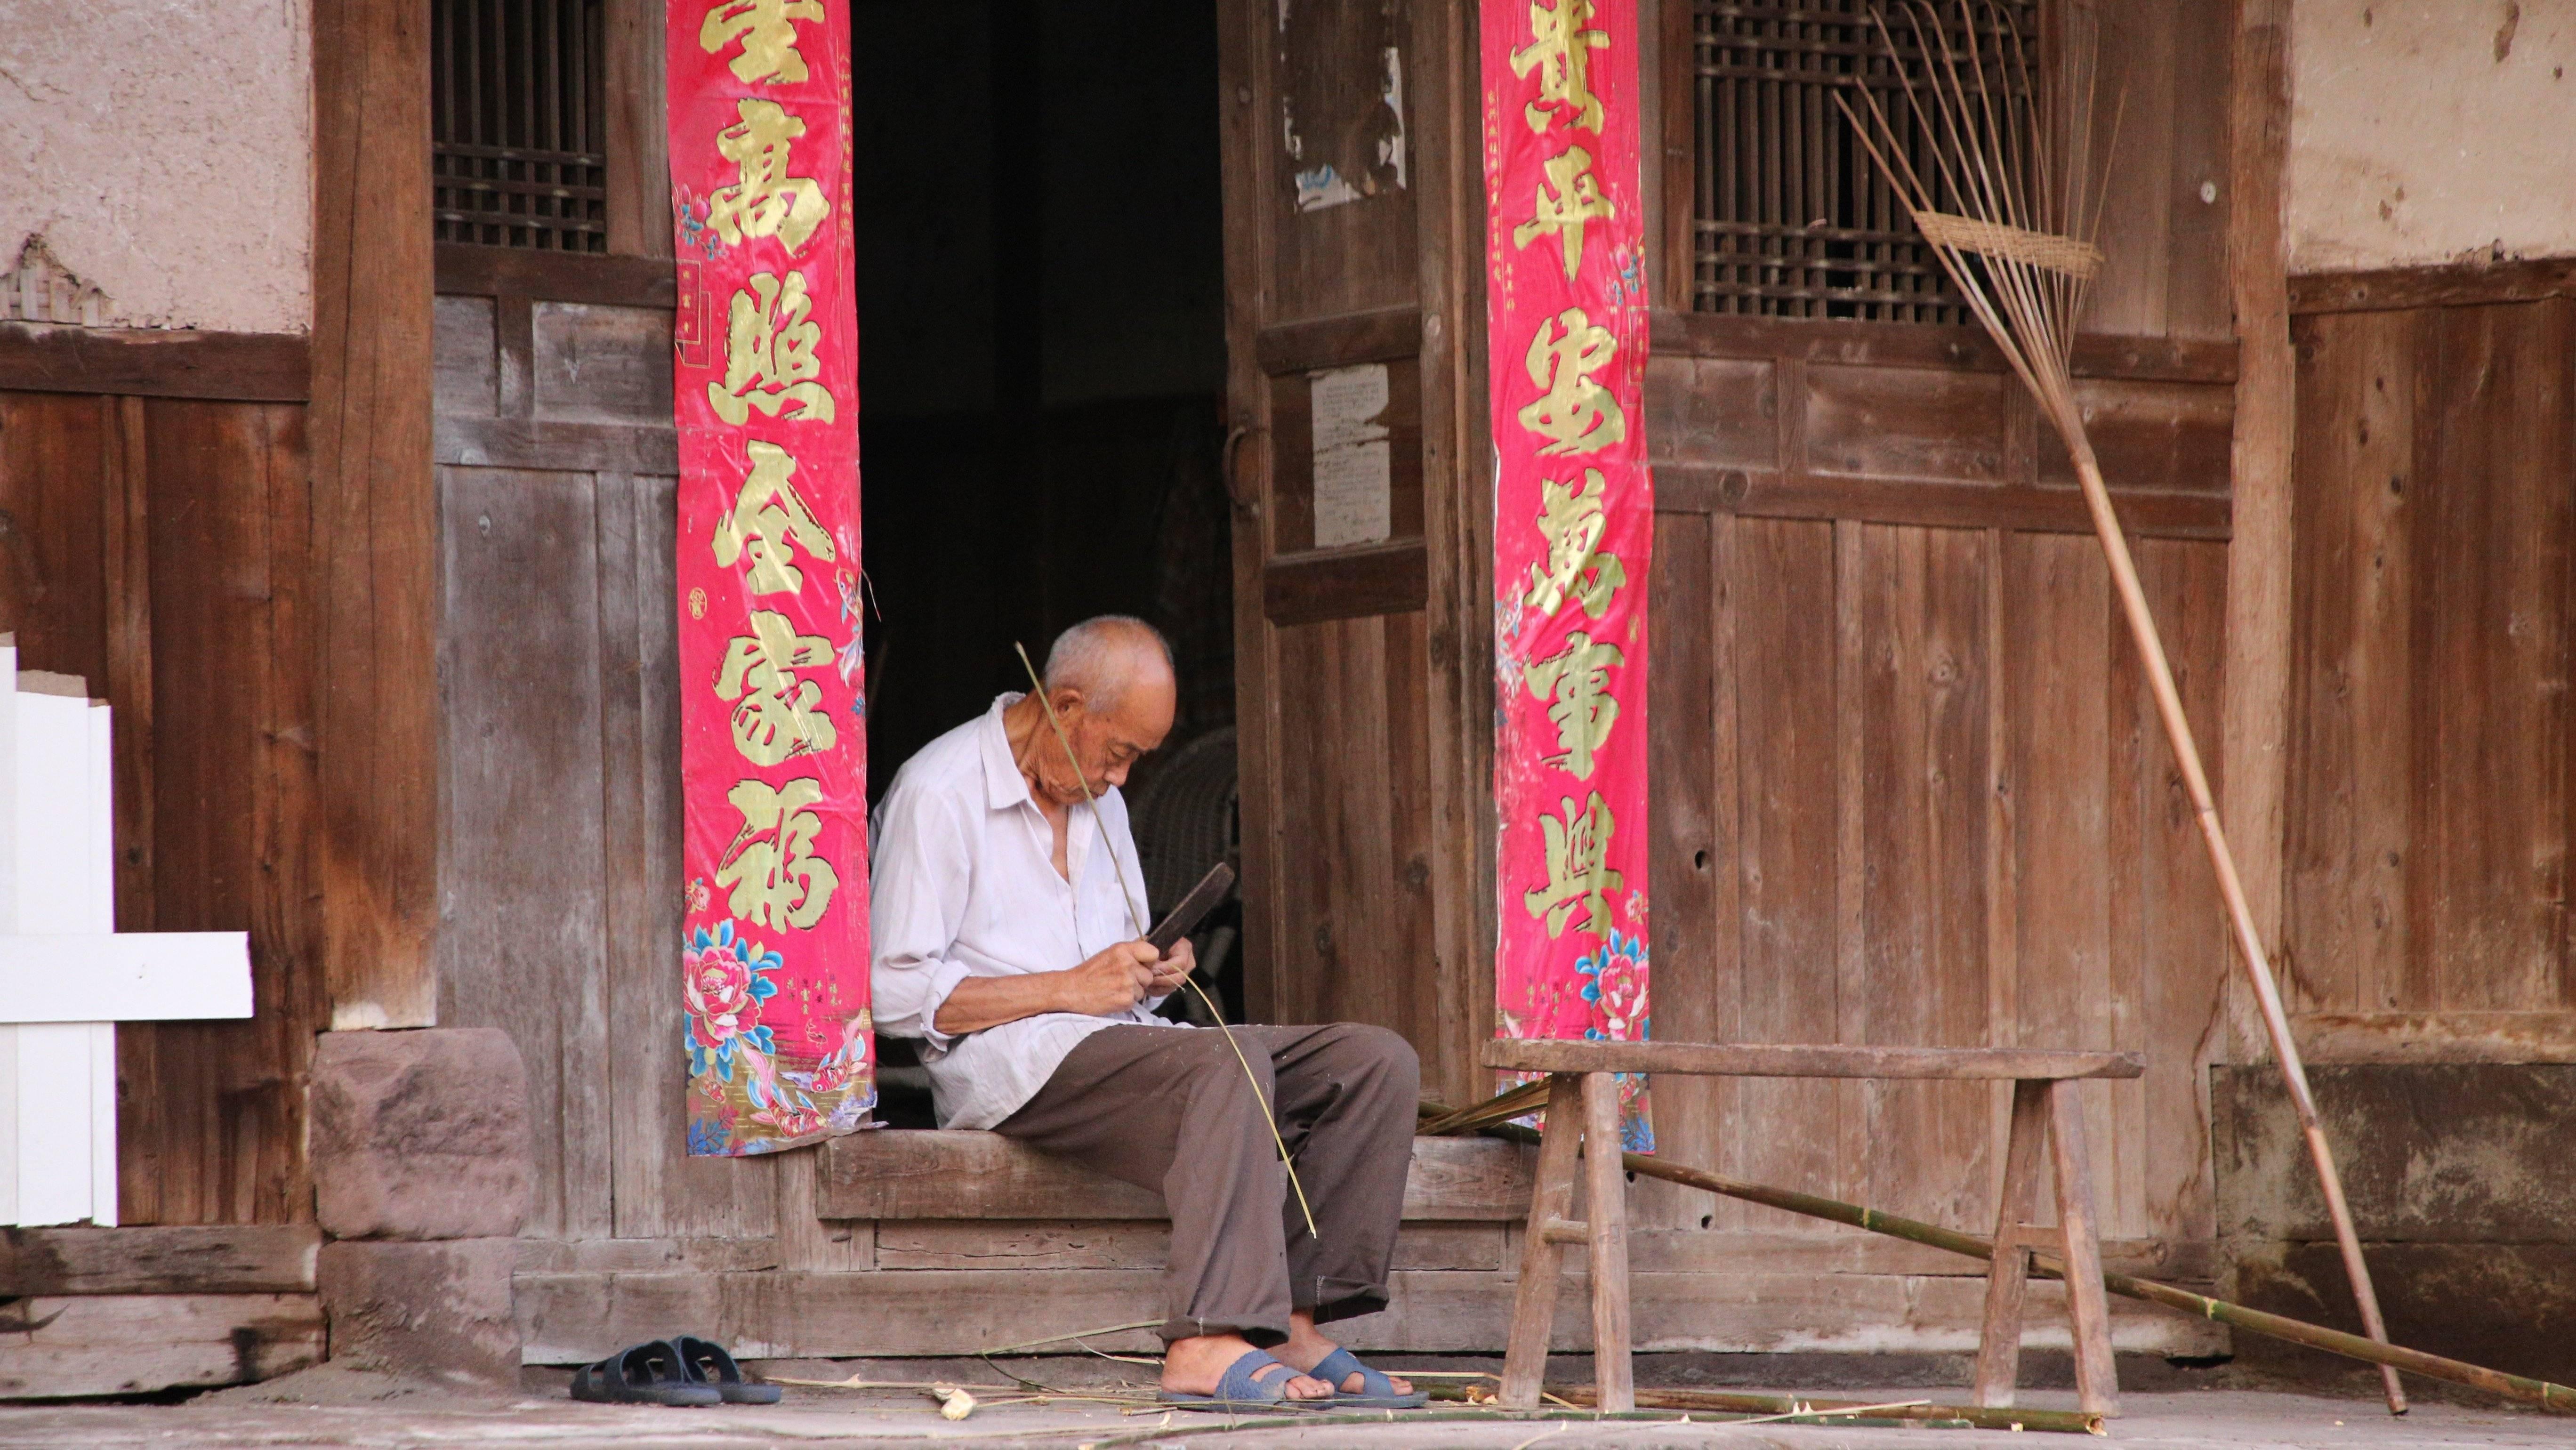 当下中国,为何农村文化不断出现诸多弊端?